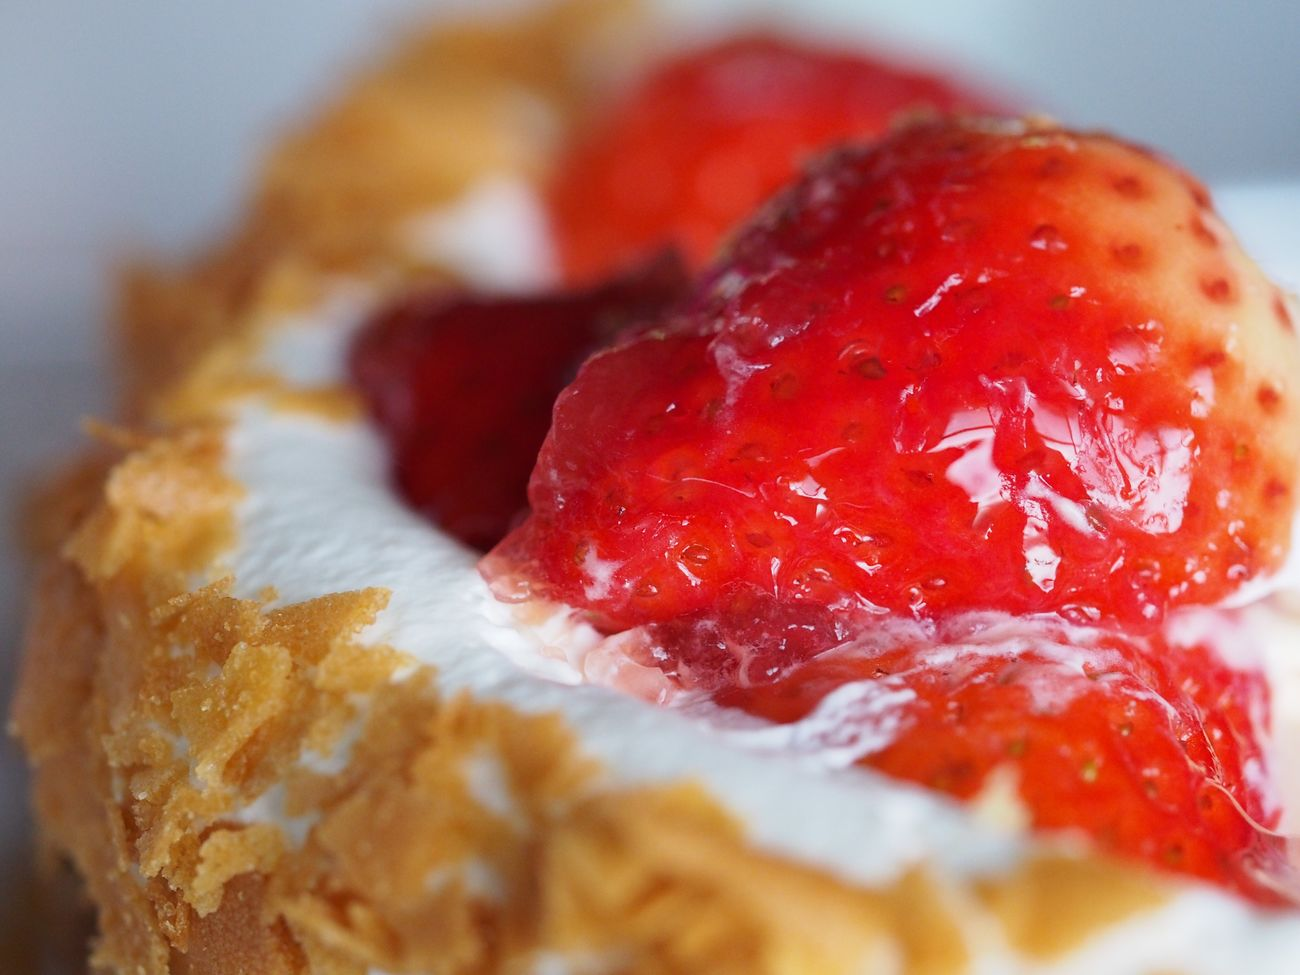 お父さんに内緒で母と姉と自分とで食べたいちごタルト🍓 イチゴタルト ケーキ いちご マクロレンズ マクロ Strawberry Tart Cake Strawberry Macro Lens Macro OlympusPEN